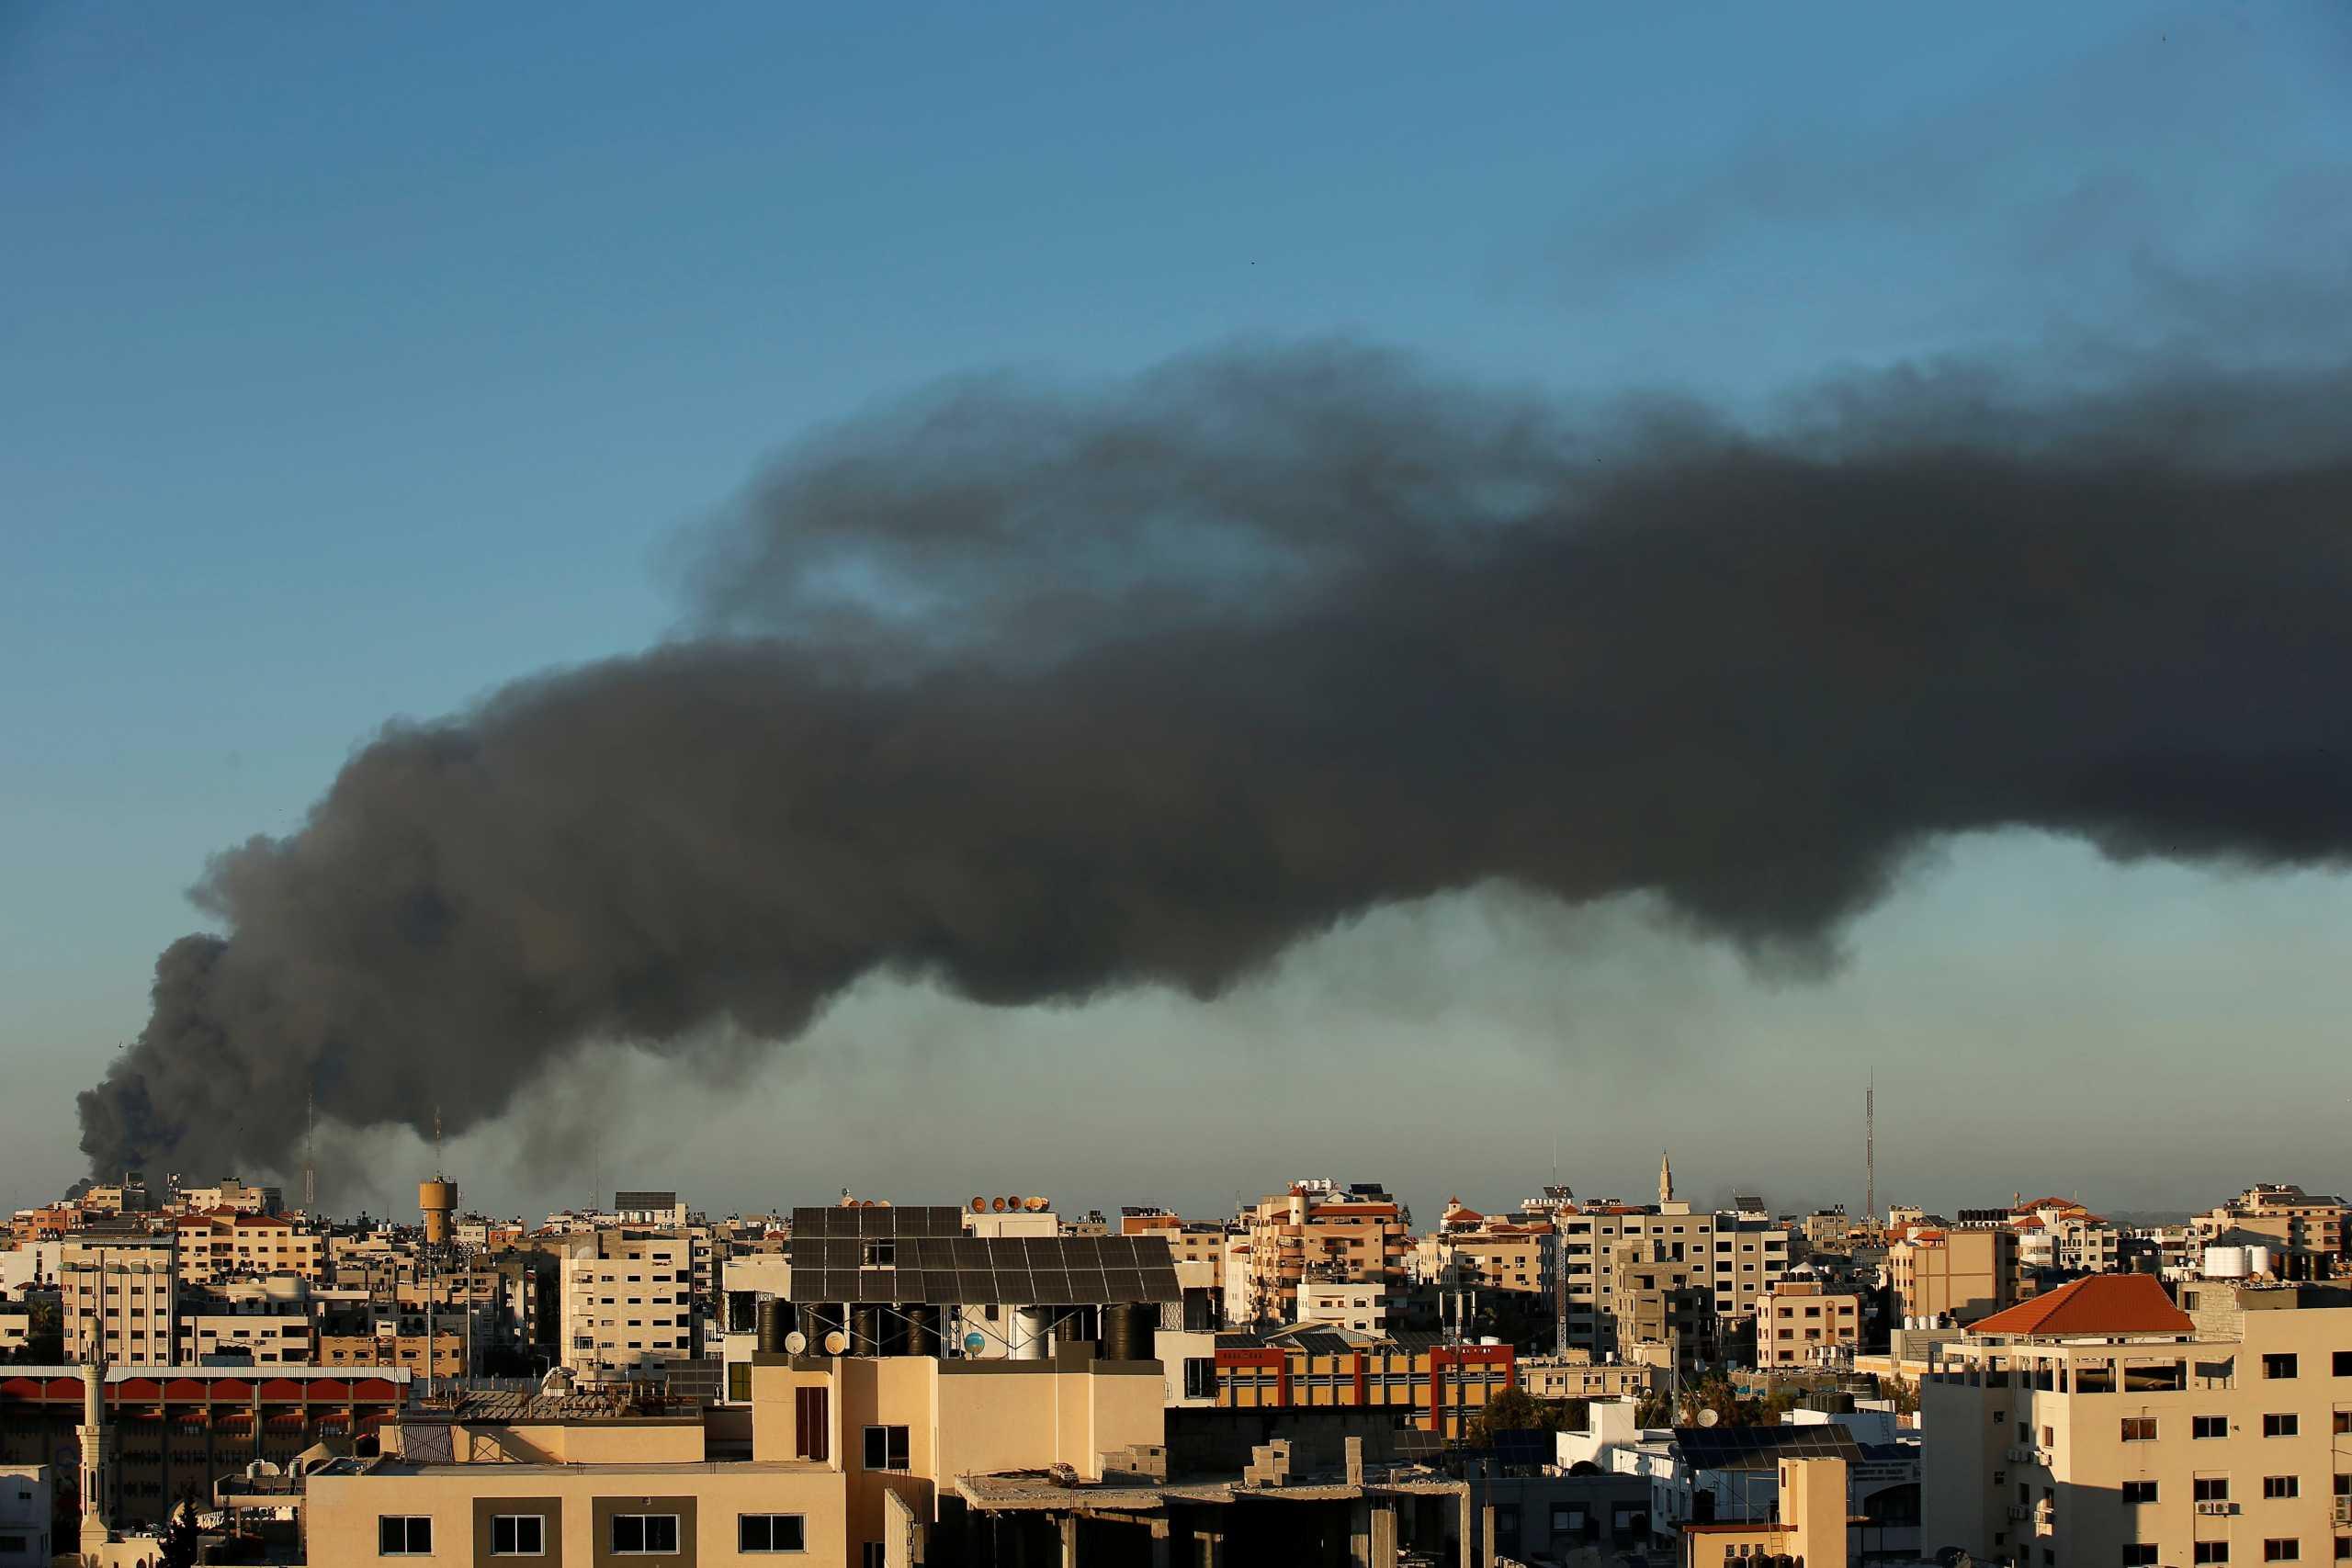 Λωρίδα της Γάζας: Έβδομη μέρα «σφυροκοπήματος» – Άλλοι 4 νεκροί από βομβαρδισμούς Ισραηλινών